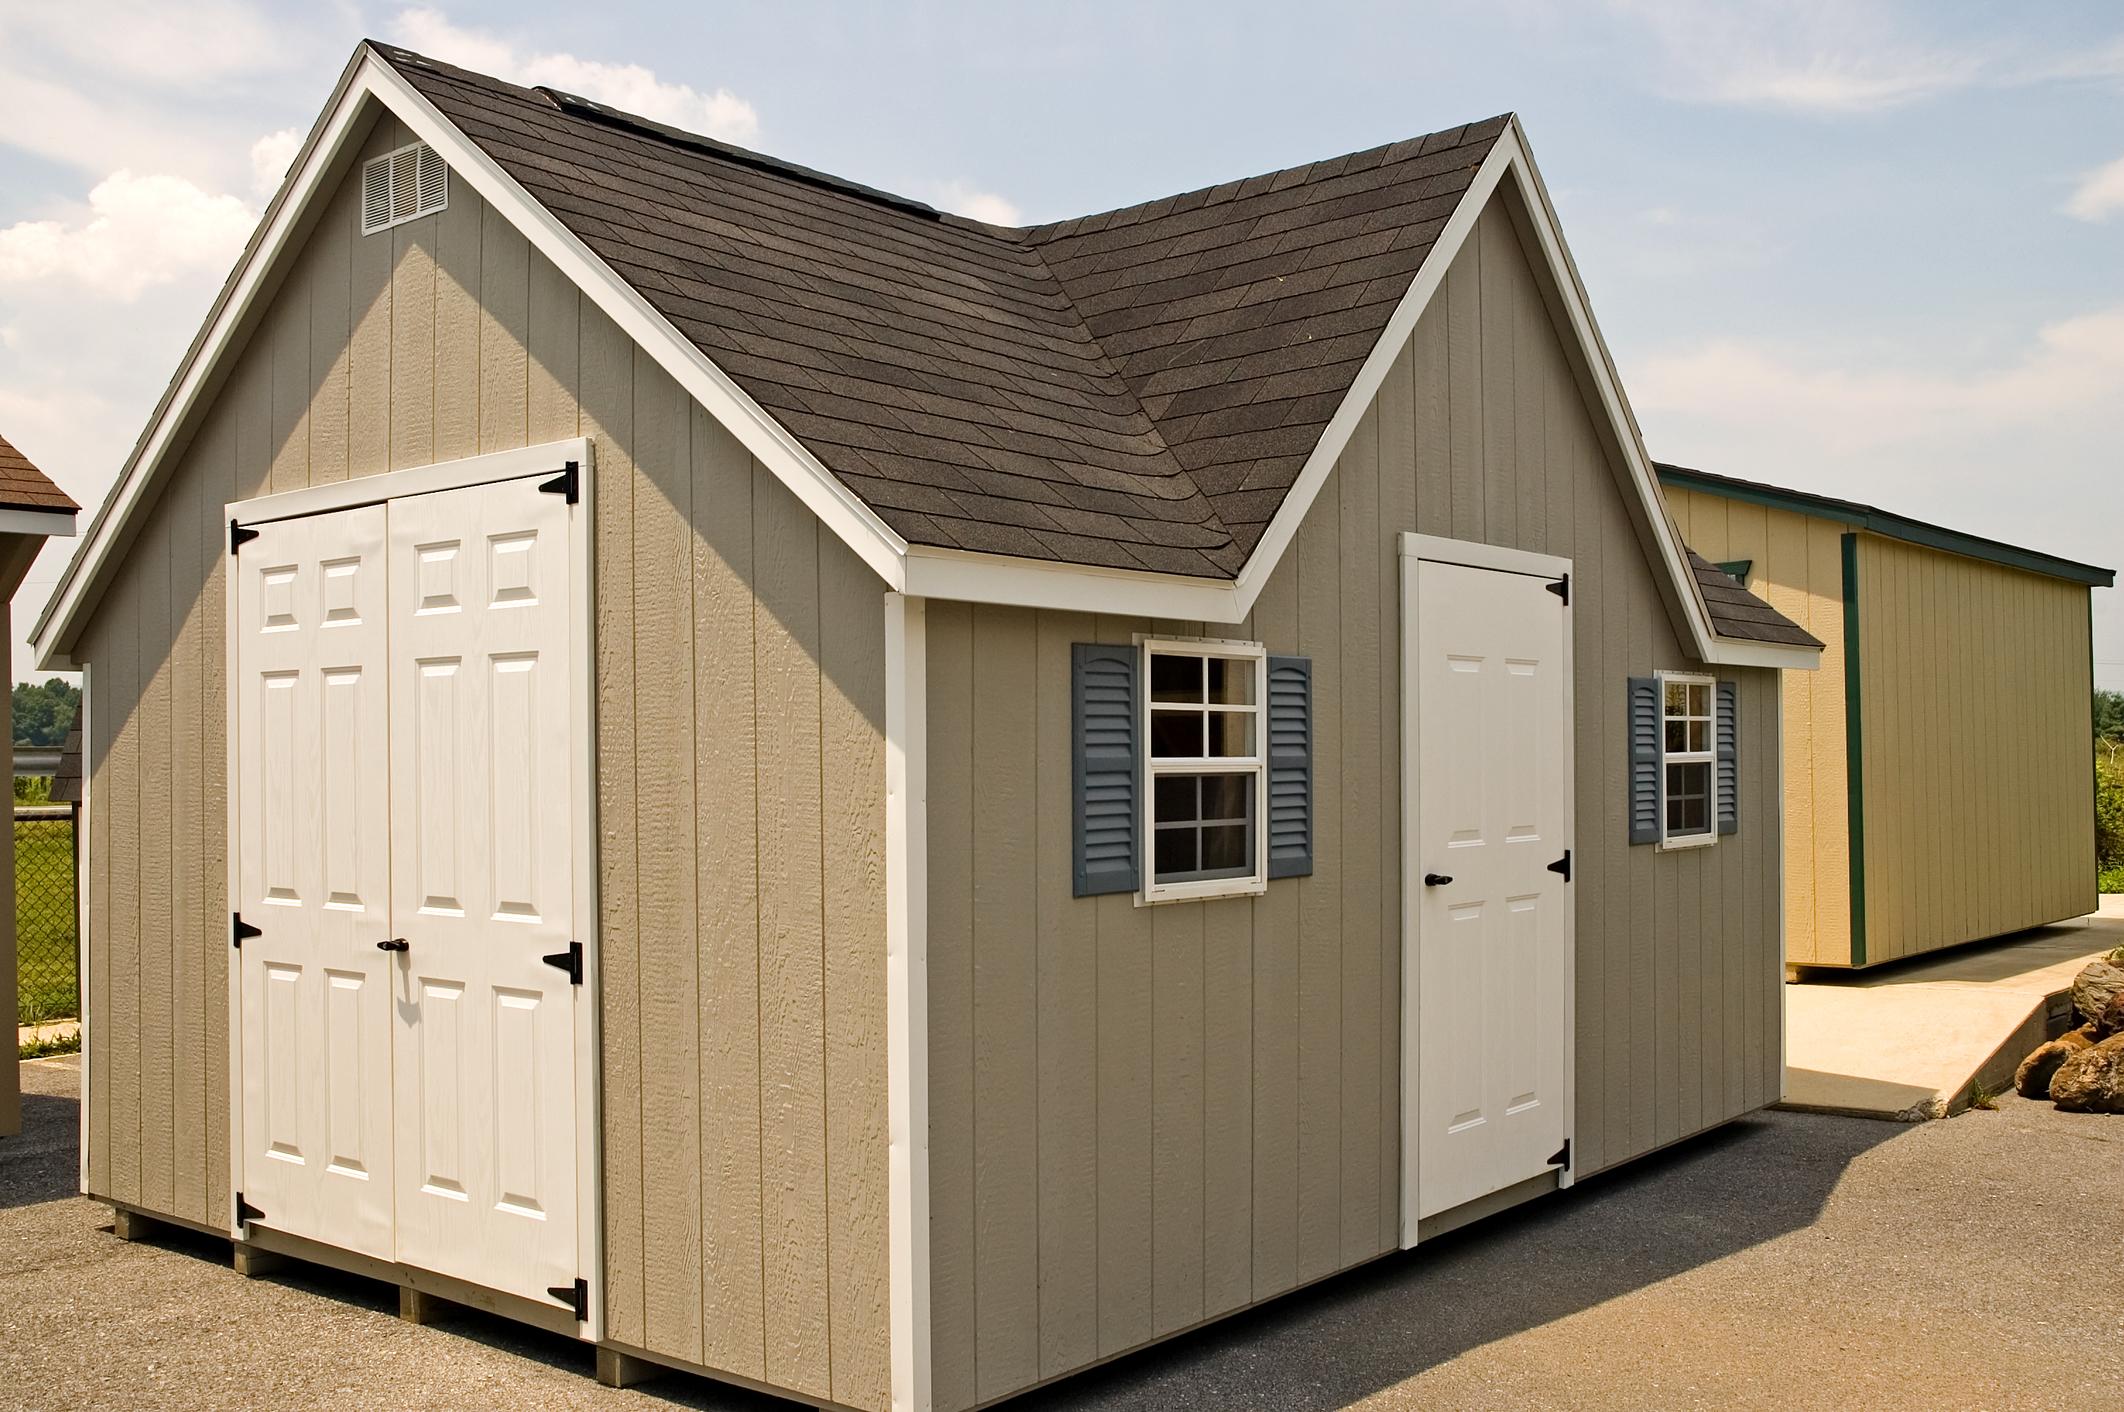 New Utility Storage Shed